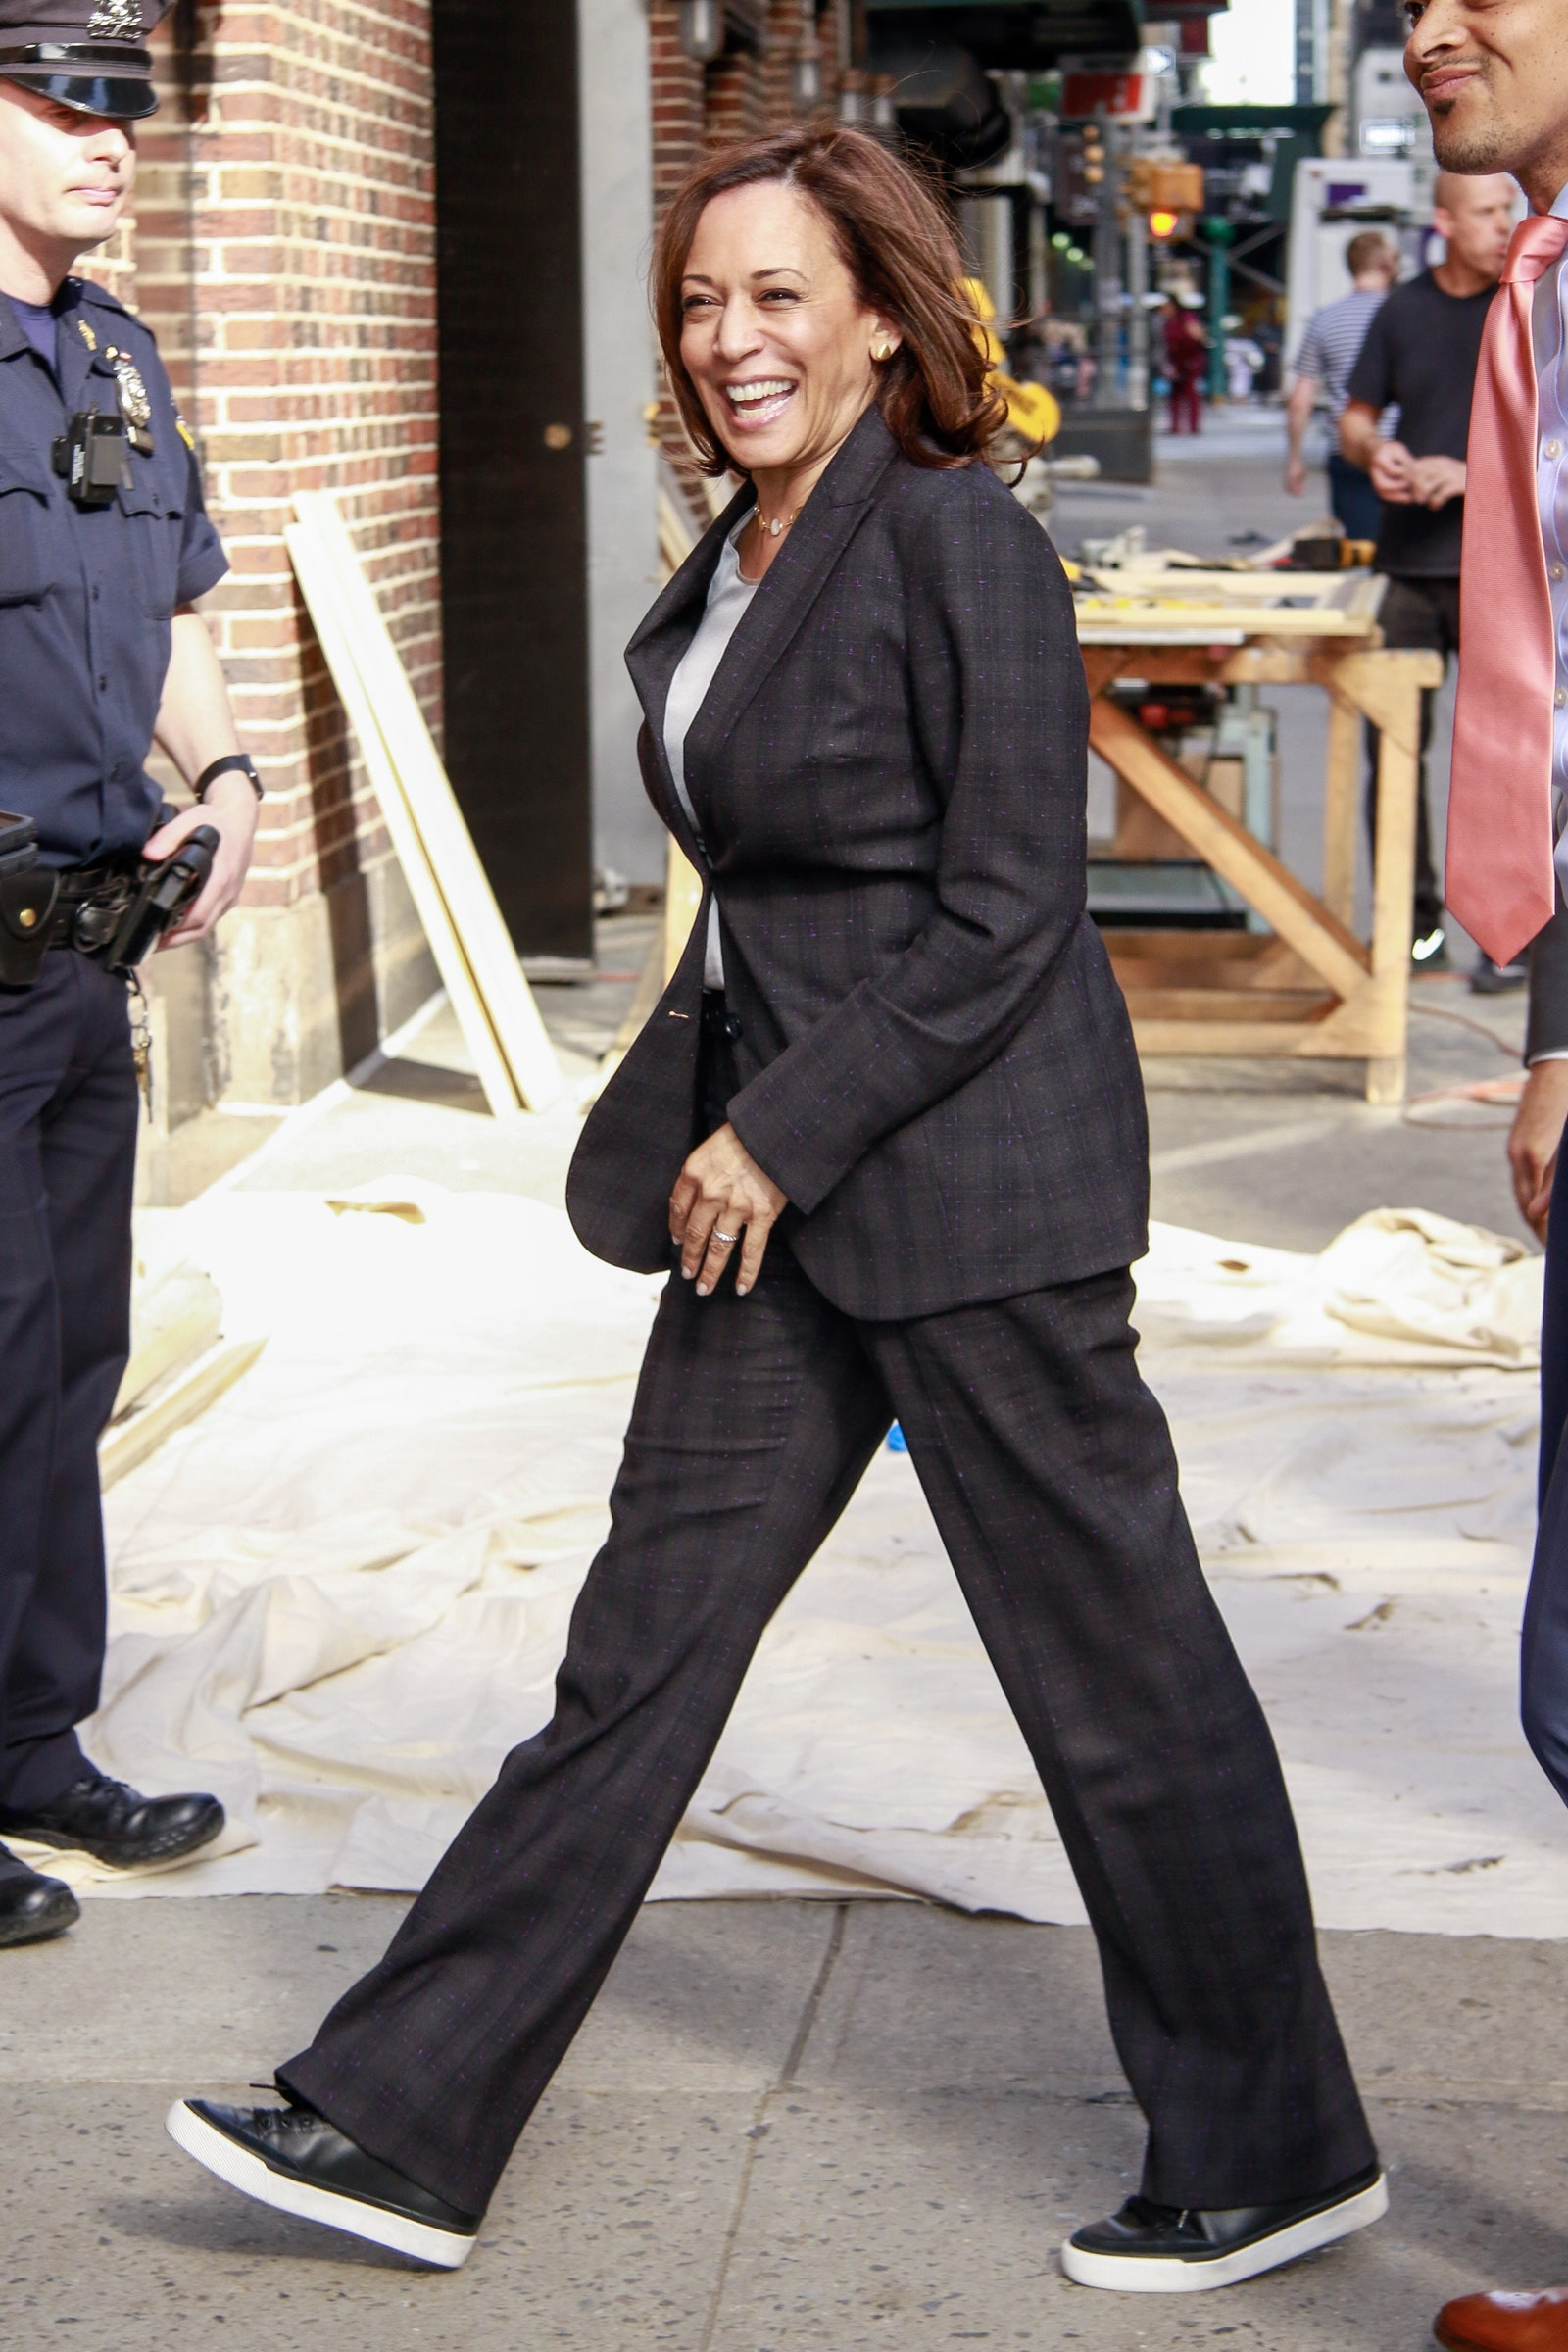 Gaya Kamala Harris, Wakil Presiden AS yang Hobi Pakai Sneakers